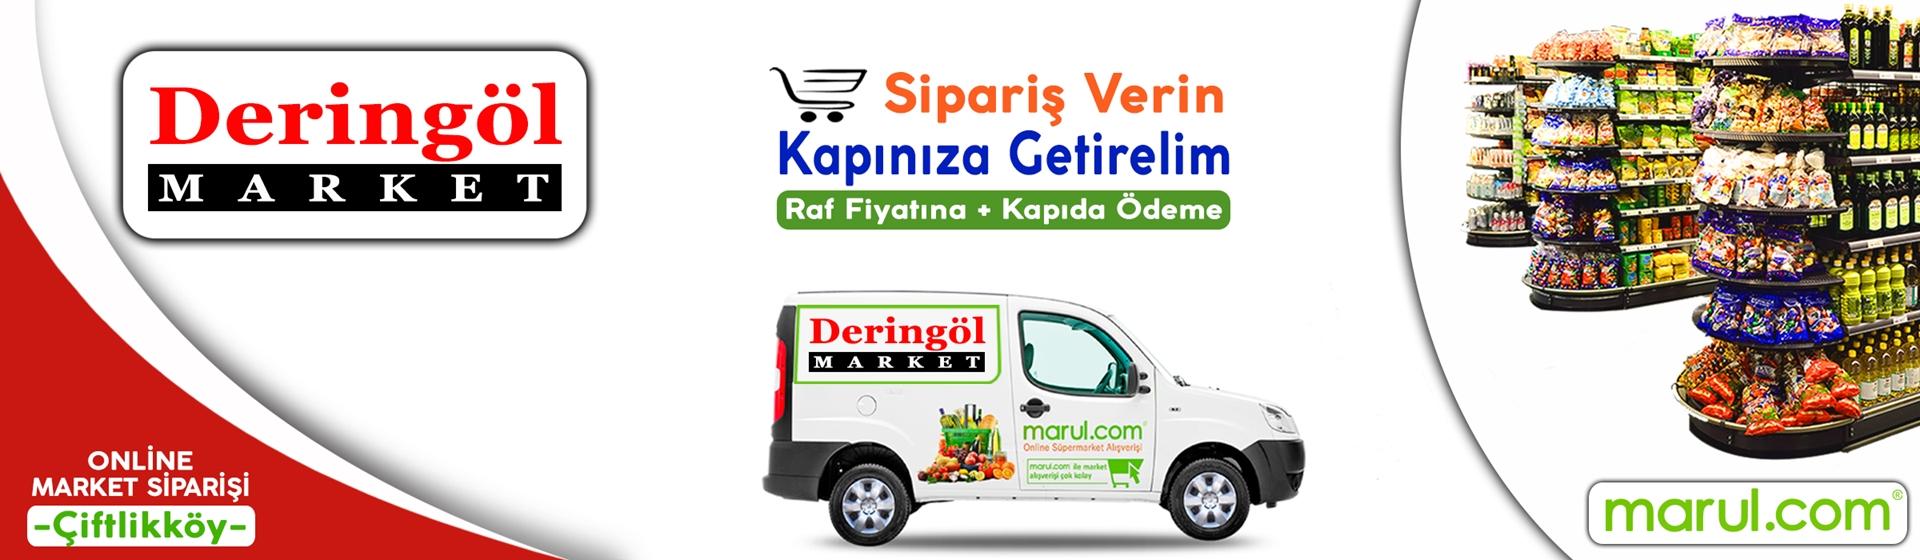 yalova deringöl marketleri online market alışverişi